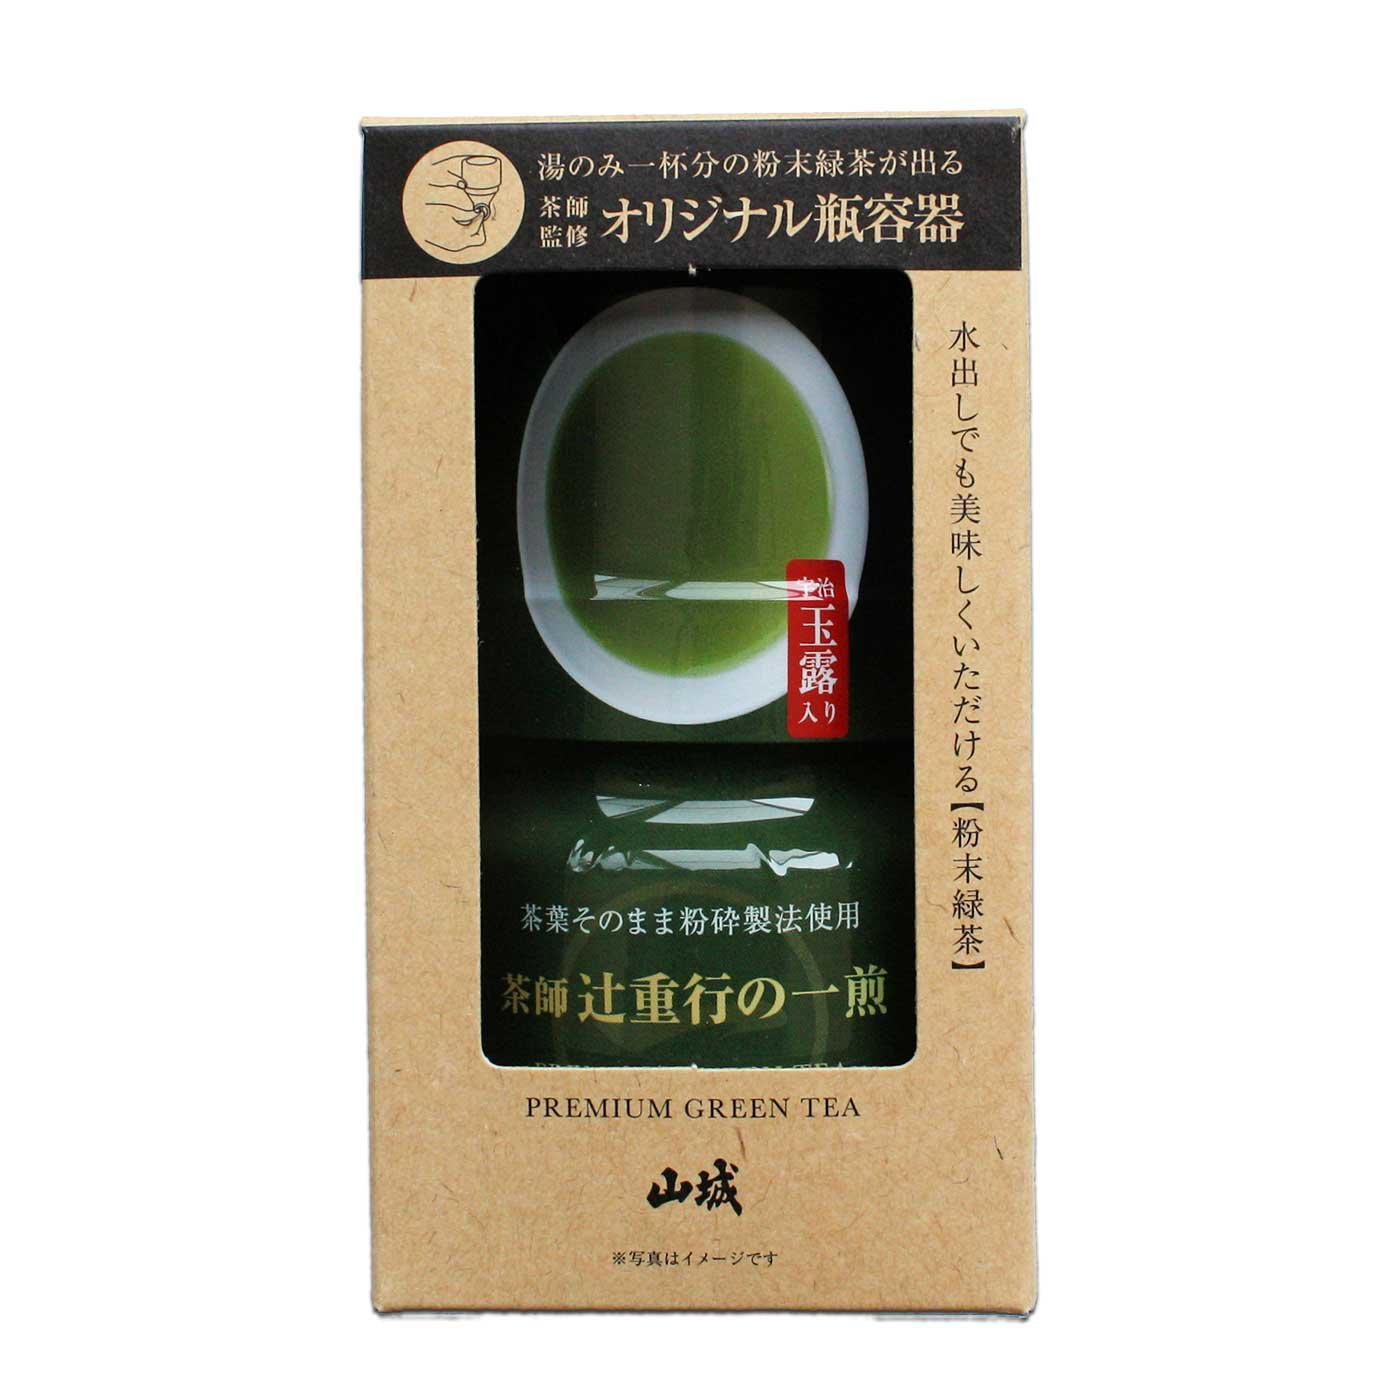 茶師 辻重行の一煎 粉末緑茶 1回分ずつ出せるオリジナルボトル付き